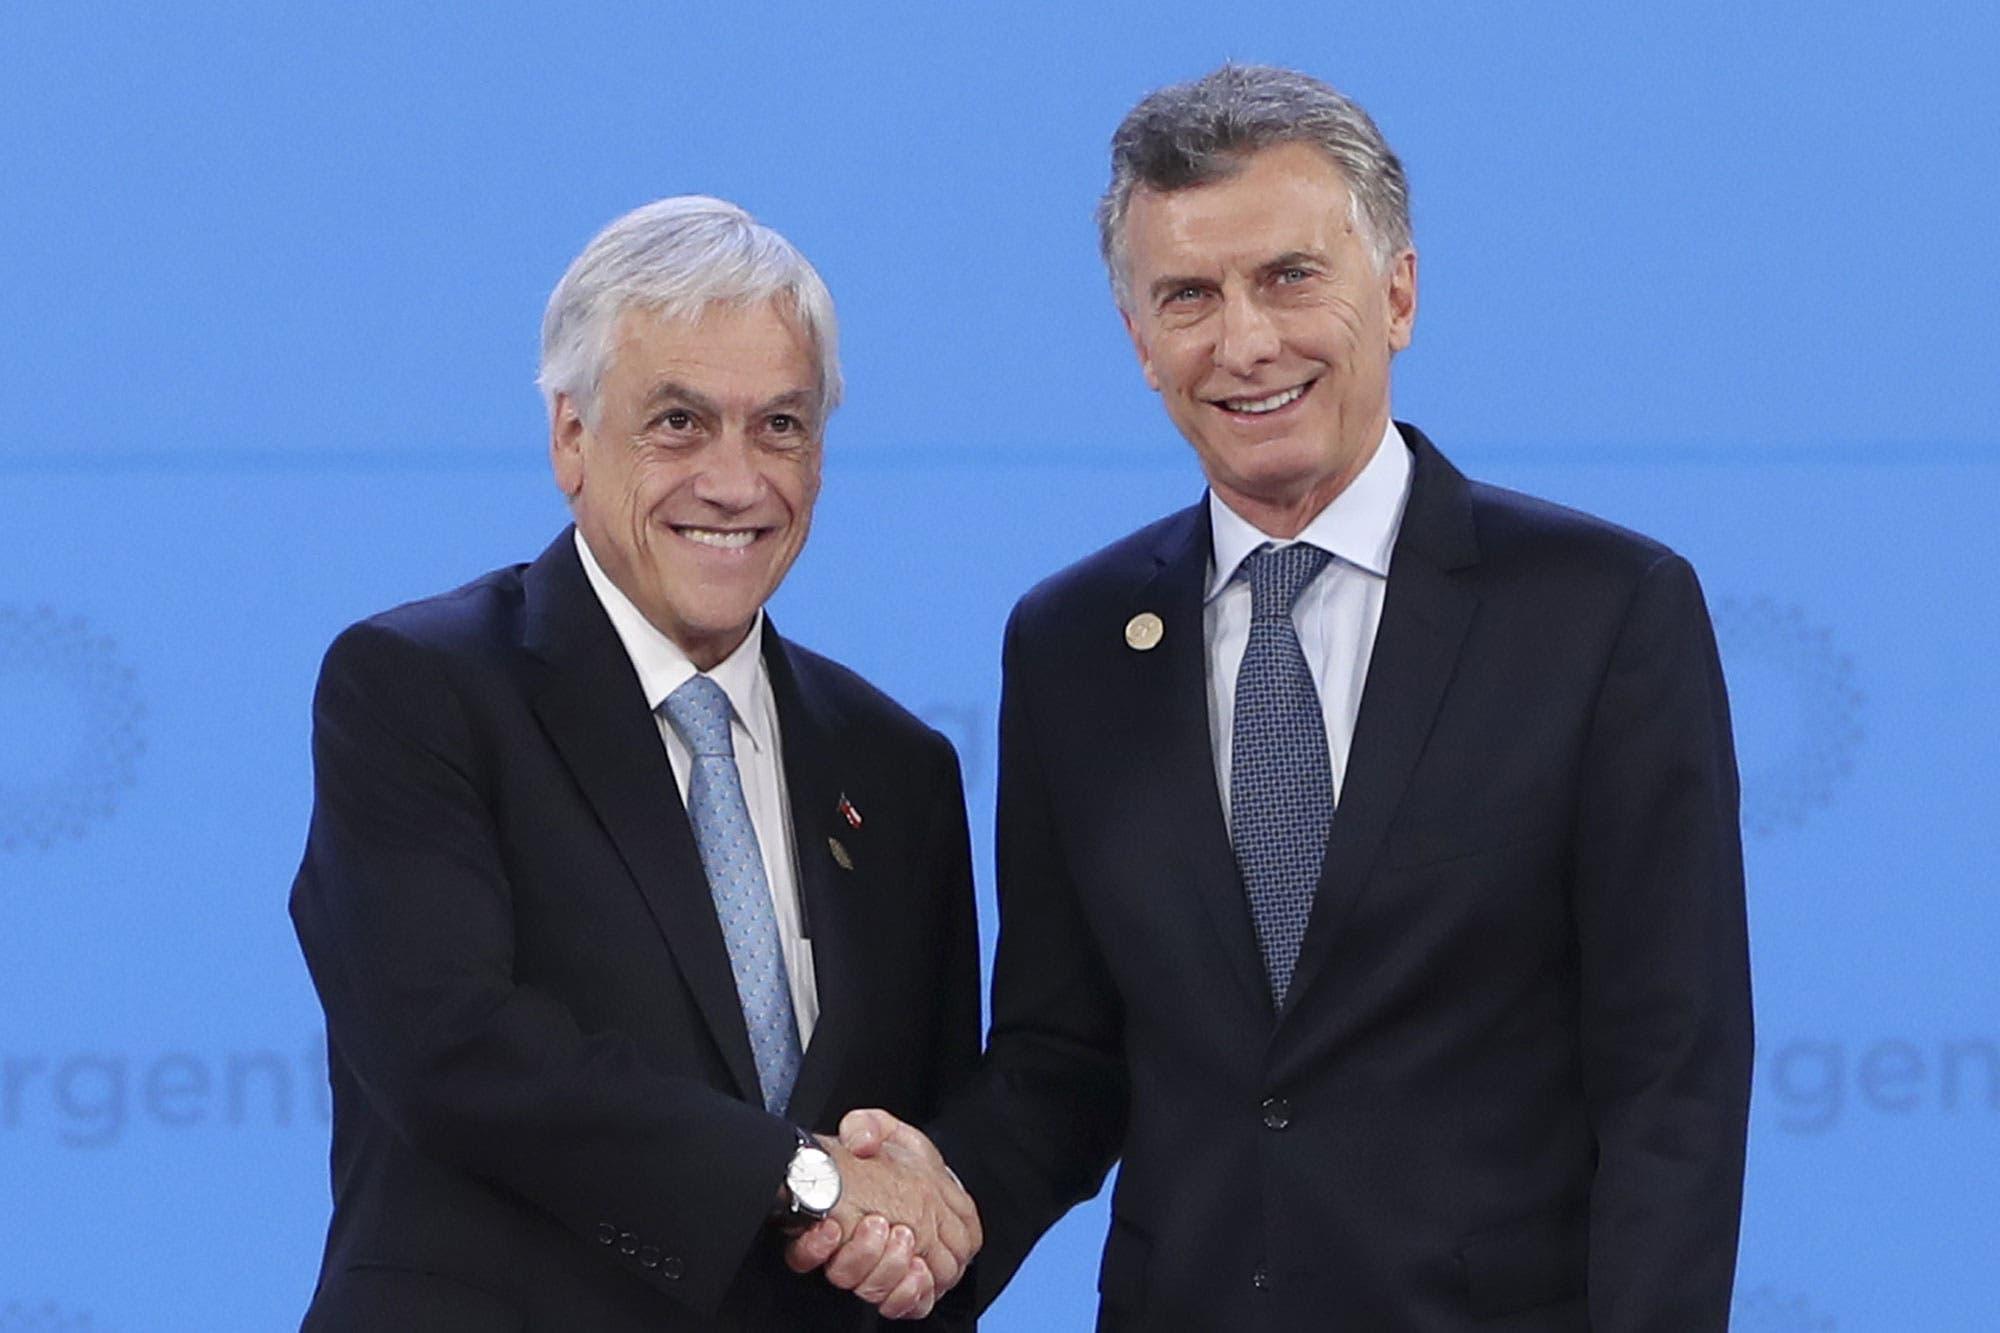 Renunció el embajador de Chile en la Argentina y Sebastián Piñera designará a su sucesor tras las elecciones